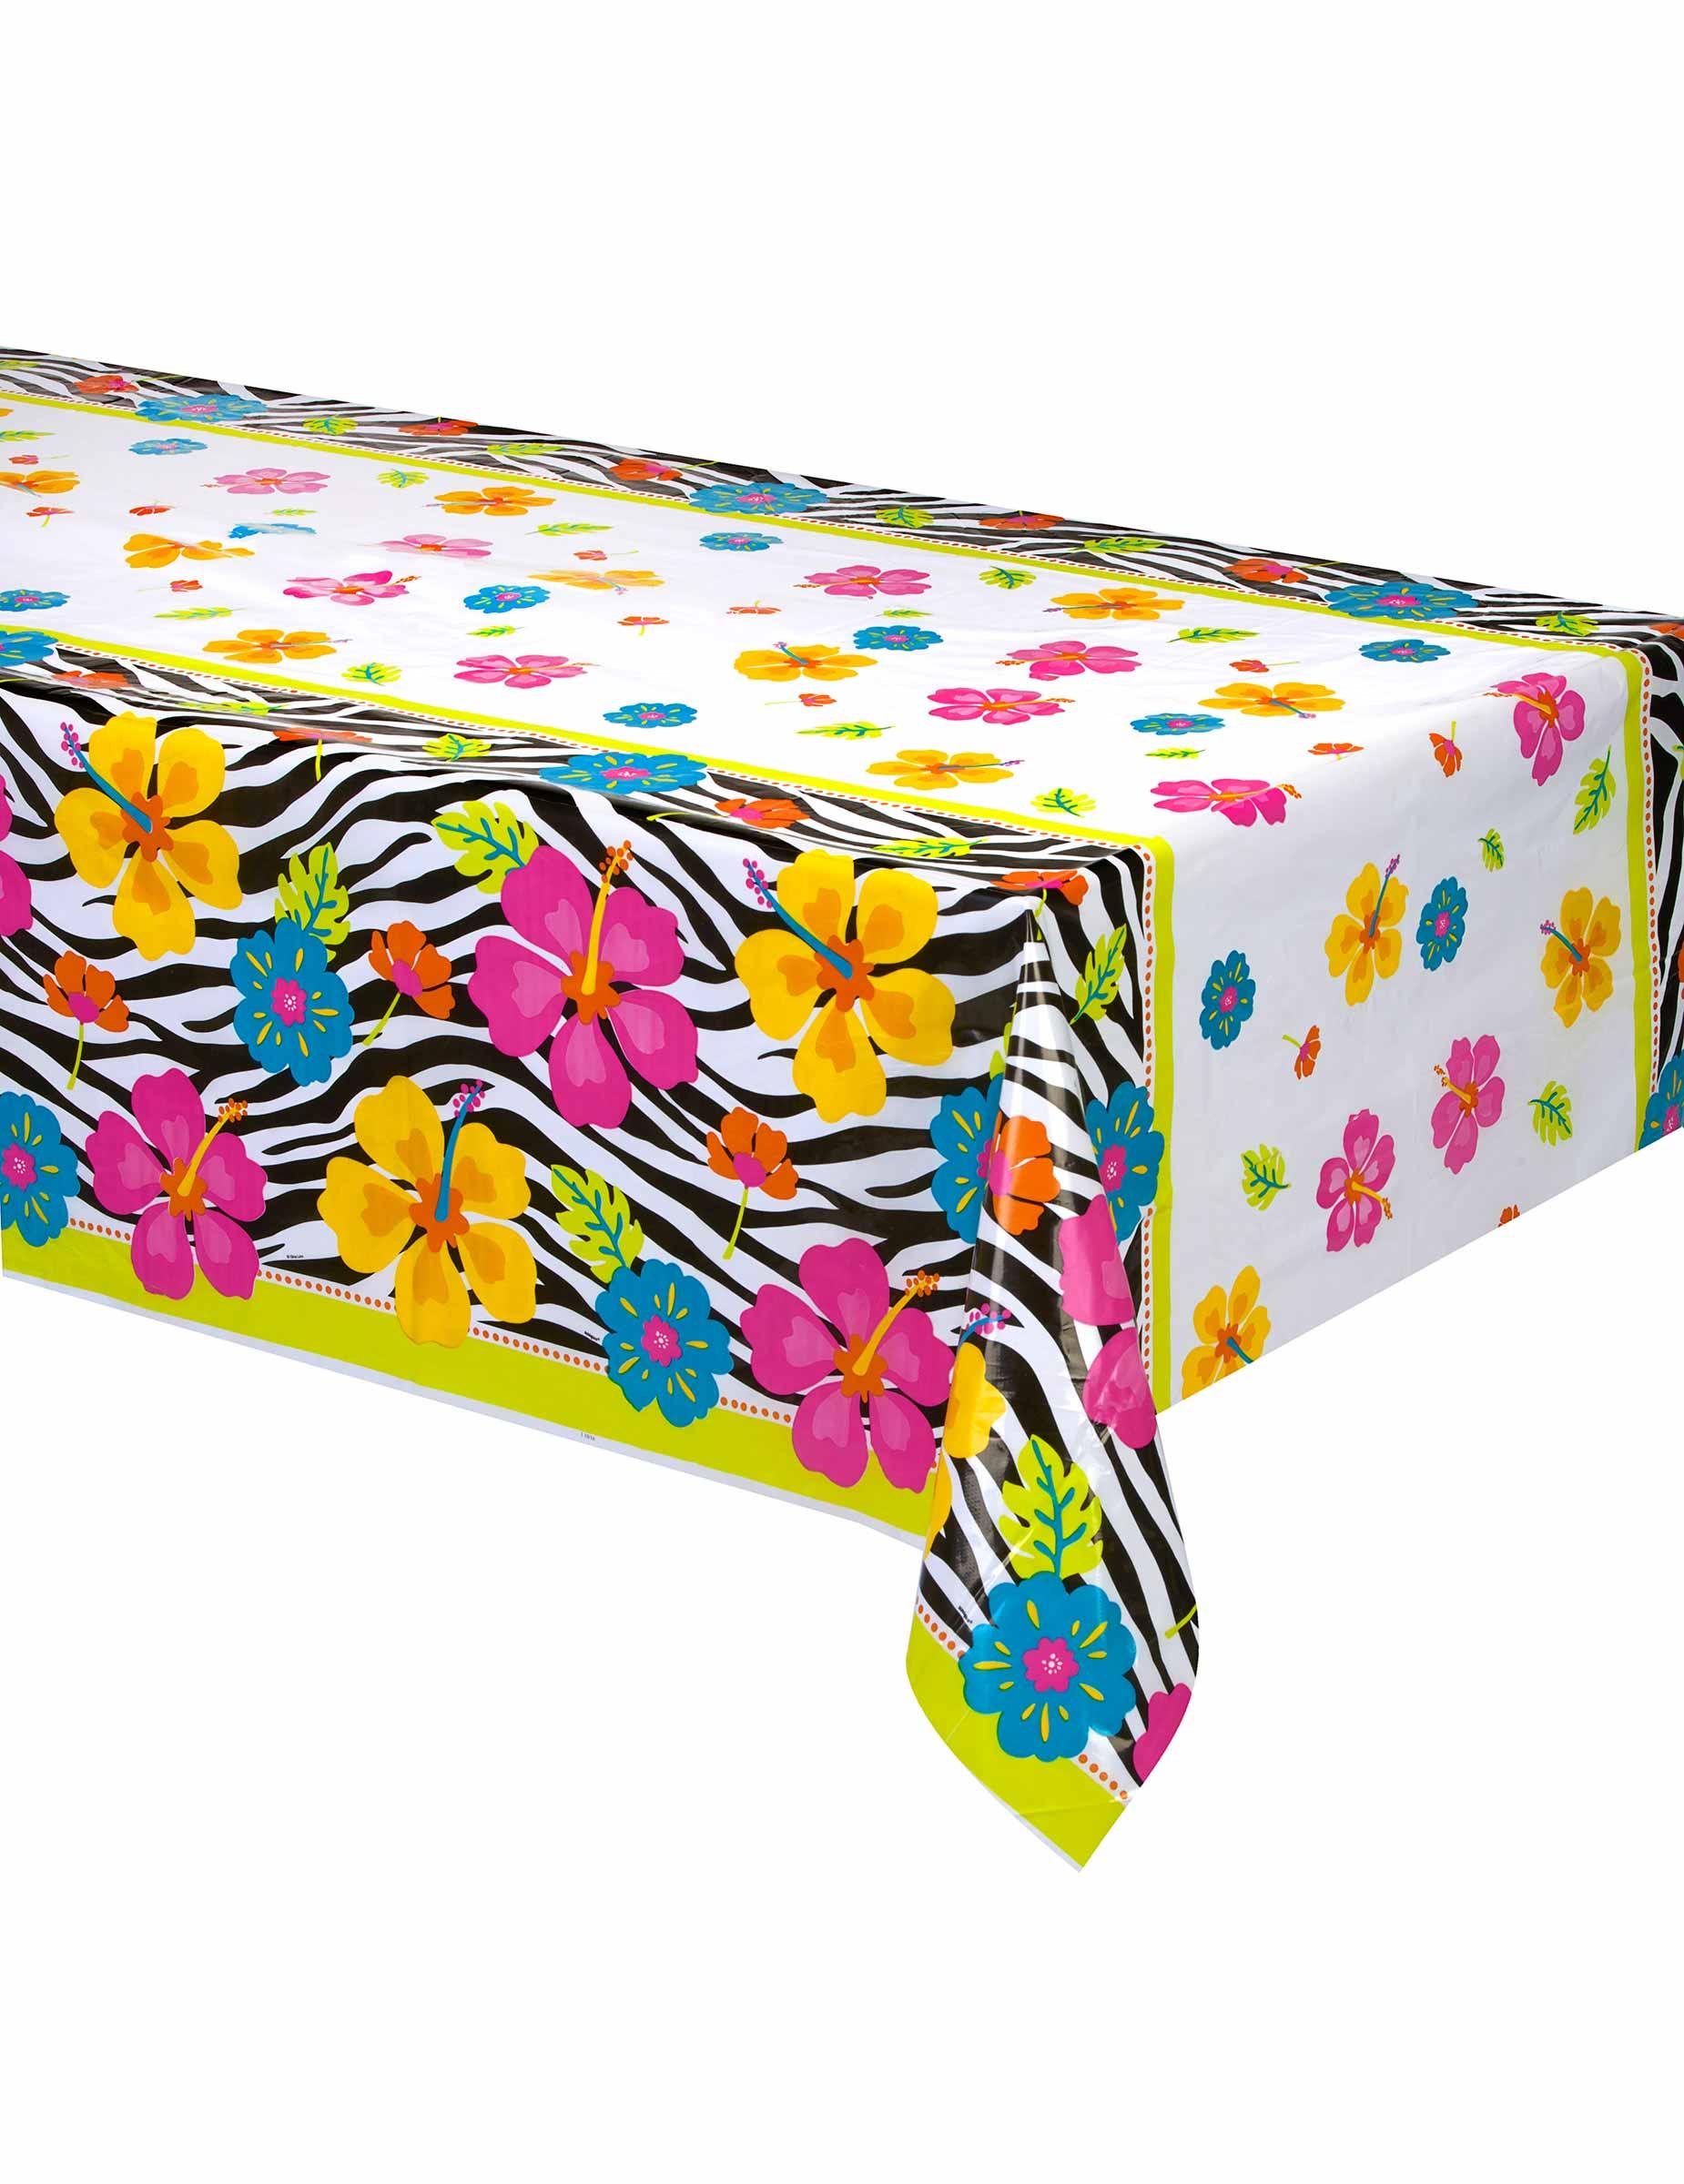 nappe plastique hibiscus z br 137 x 213 cm d coration anniversaire et f tes th me sur vegaoo. Black Bedroom Furniture Sets. Home Design Ideas